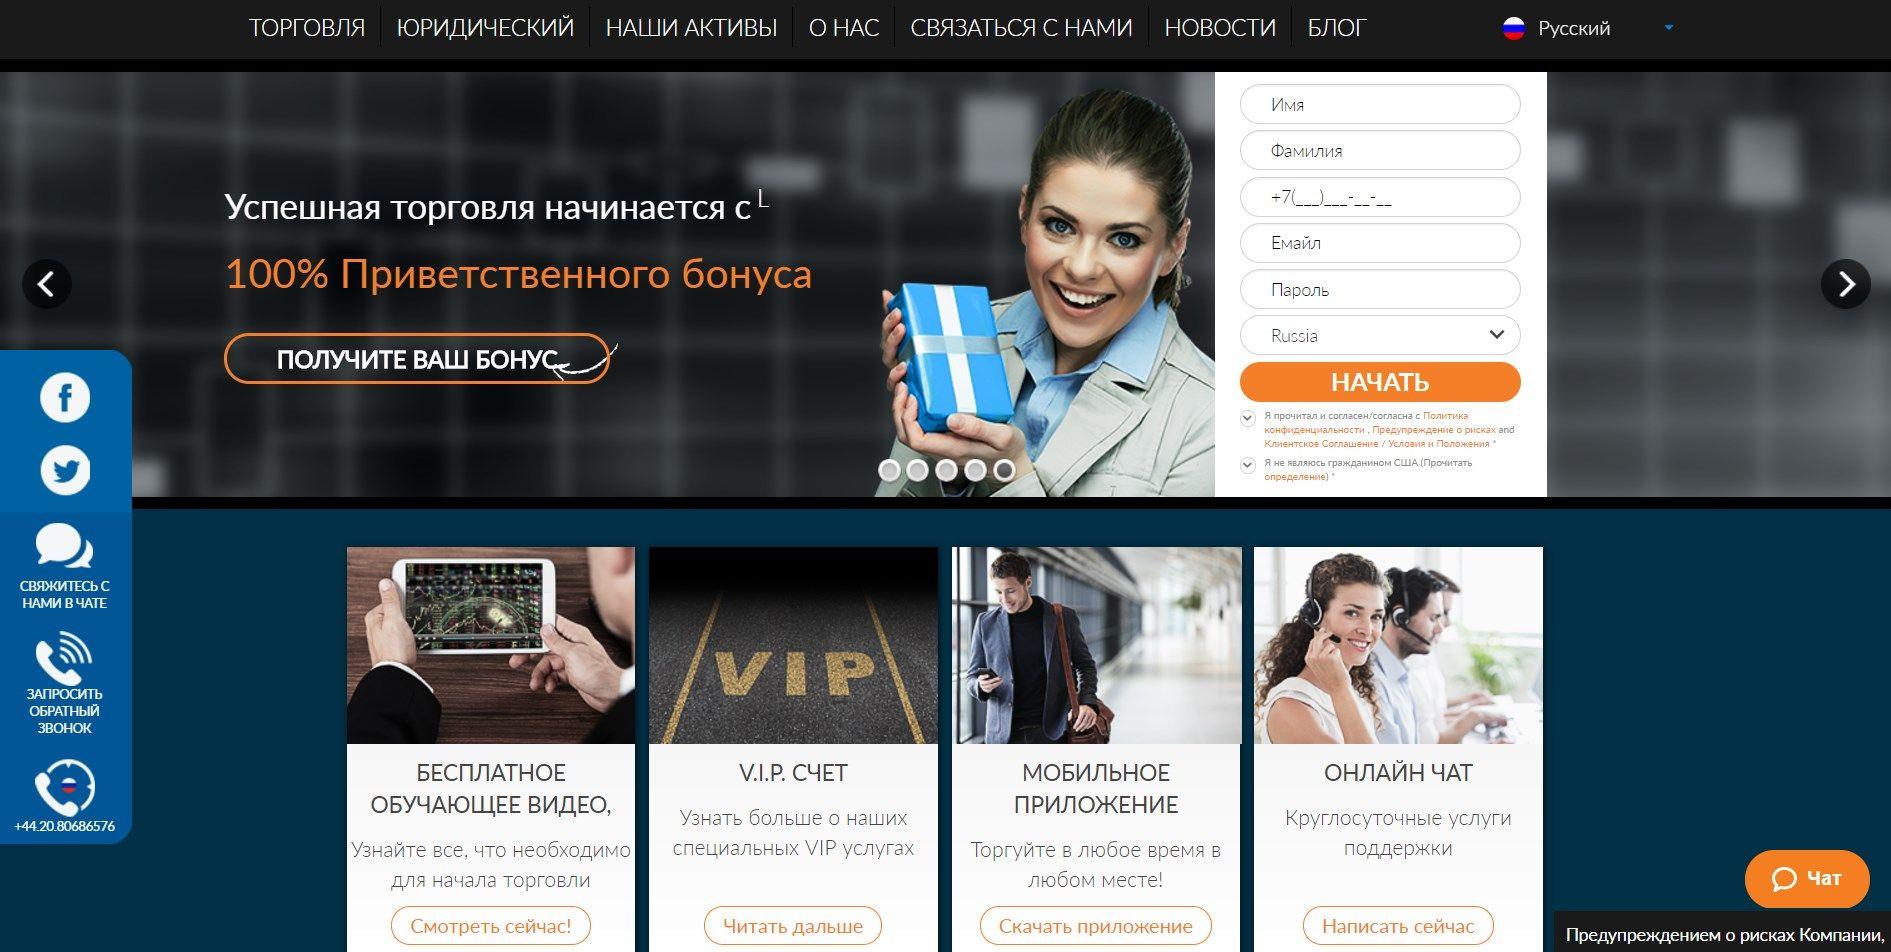 Бонус новым пользователям торговой платформы Optionbit